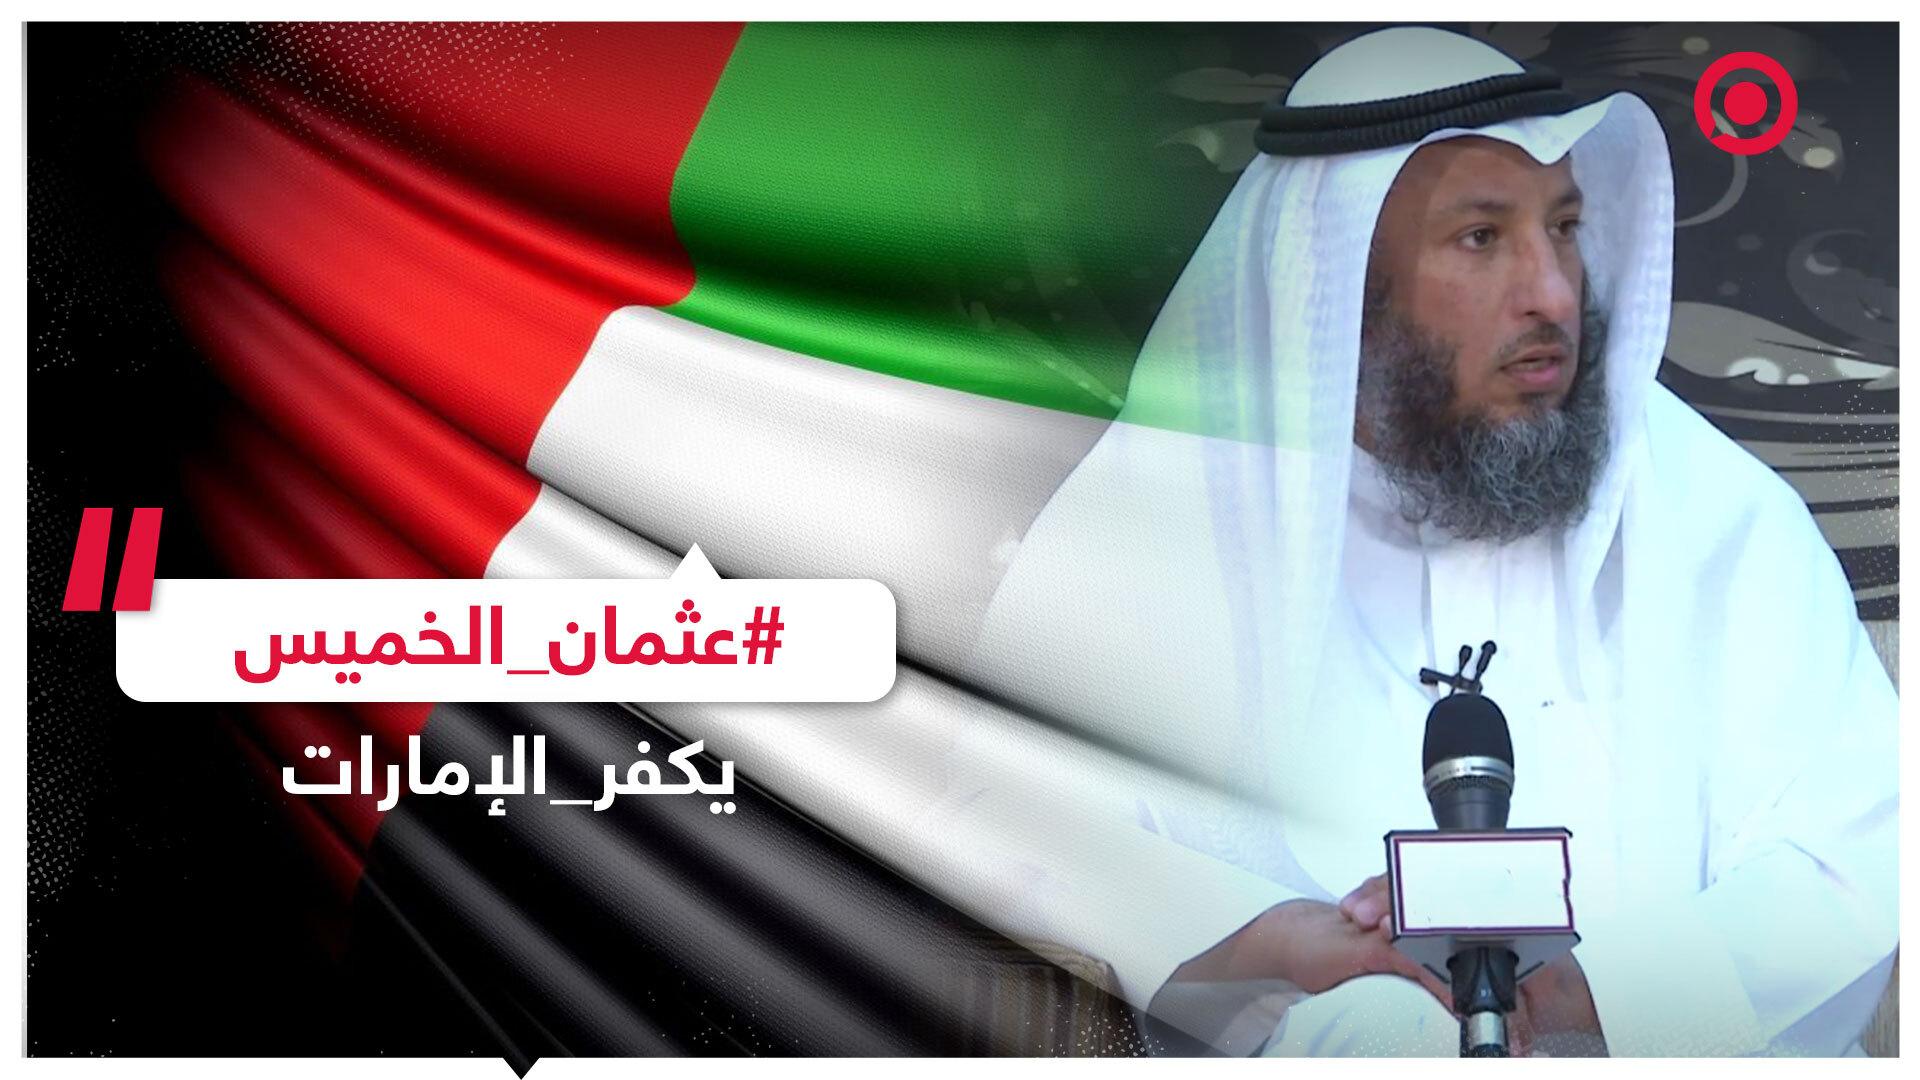 الداعية الكويتي عثمان الخميس يكفّر الإمارات ووسيم يوسف يرد